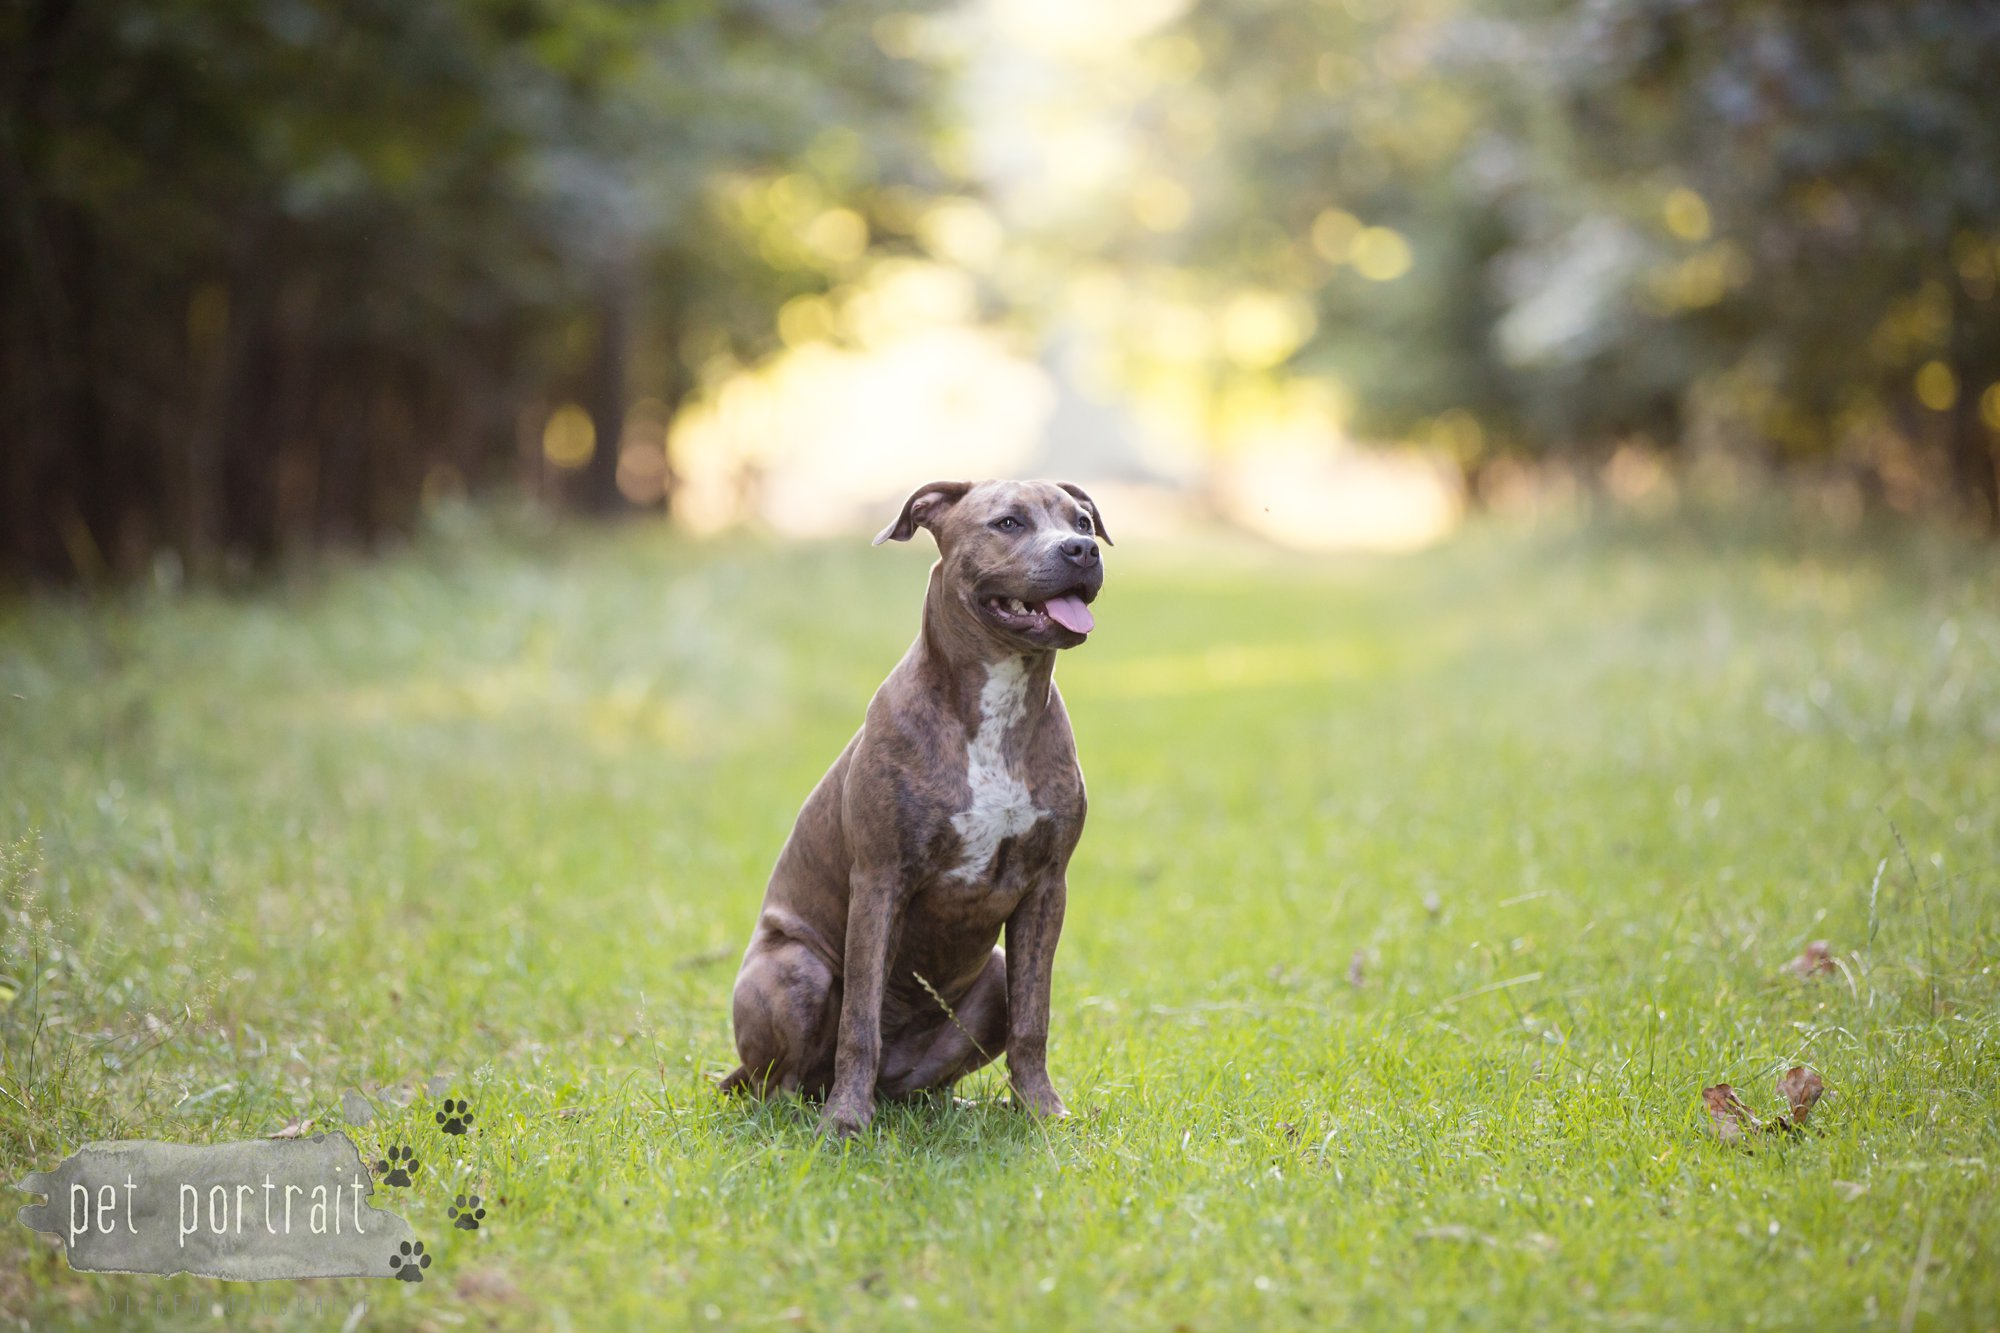 hondenfotograaf-noordwijkerhout-dier-en-baasje-fotoshoot-in-de-duinen-1